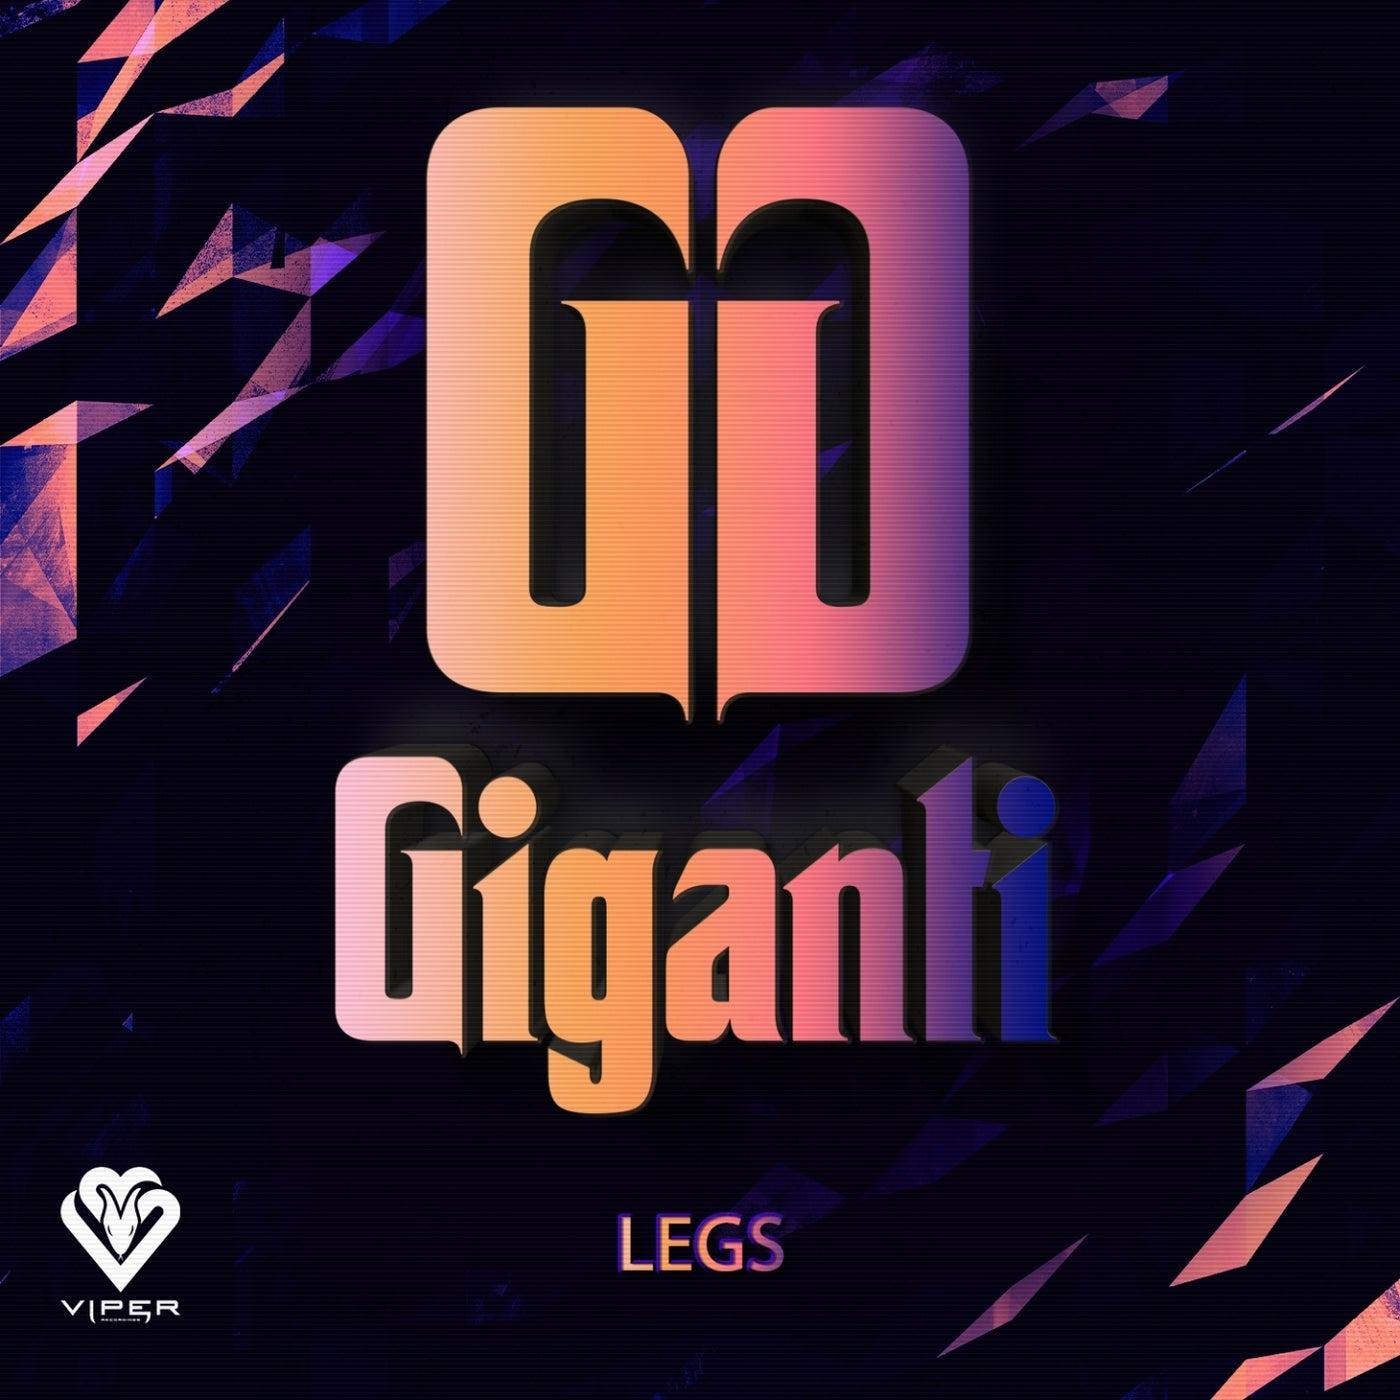 Legs (Original Mix)